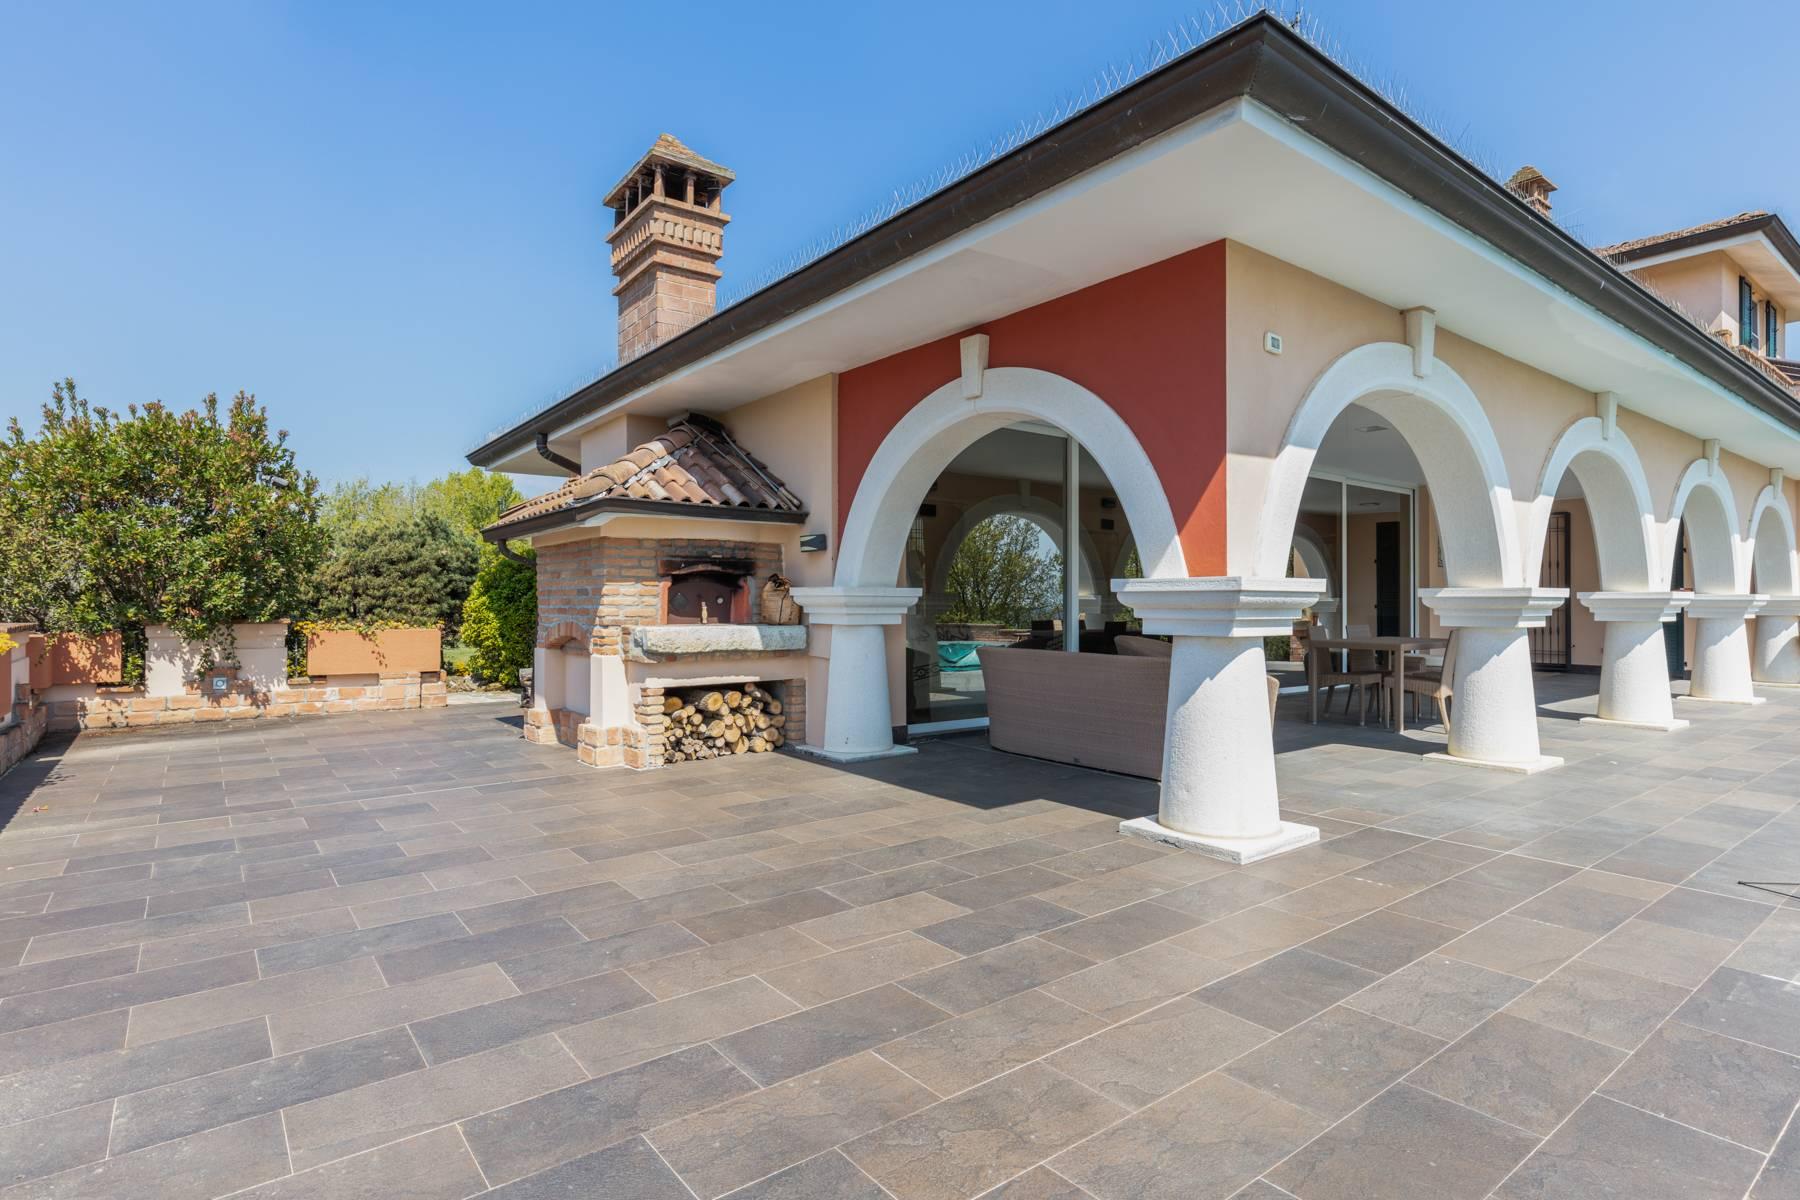 Villa in Vendita a Gazzola: 5 locali, 430 mq - Foto 3